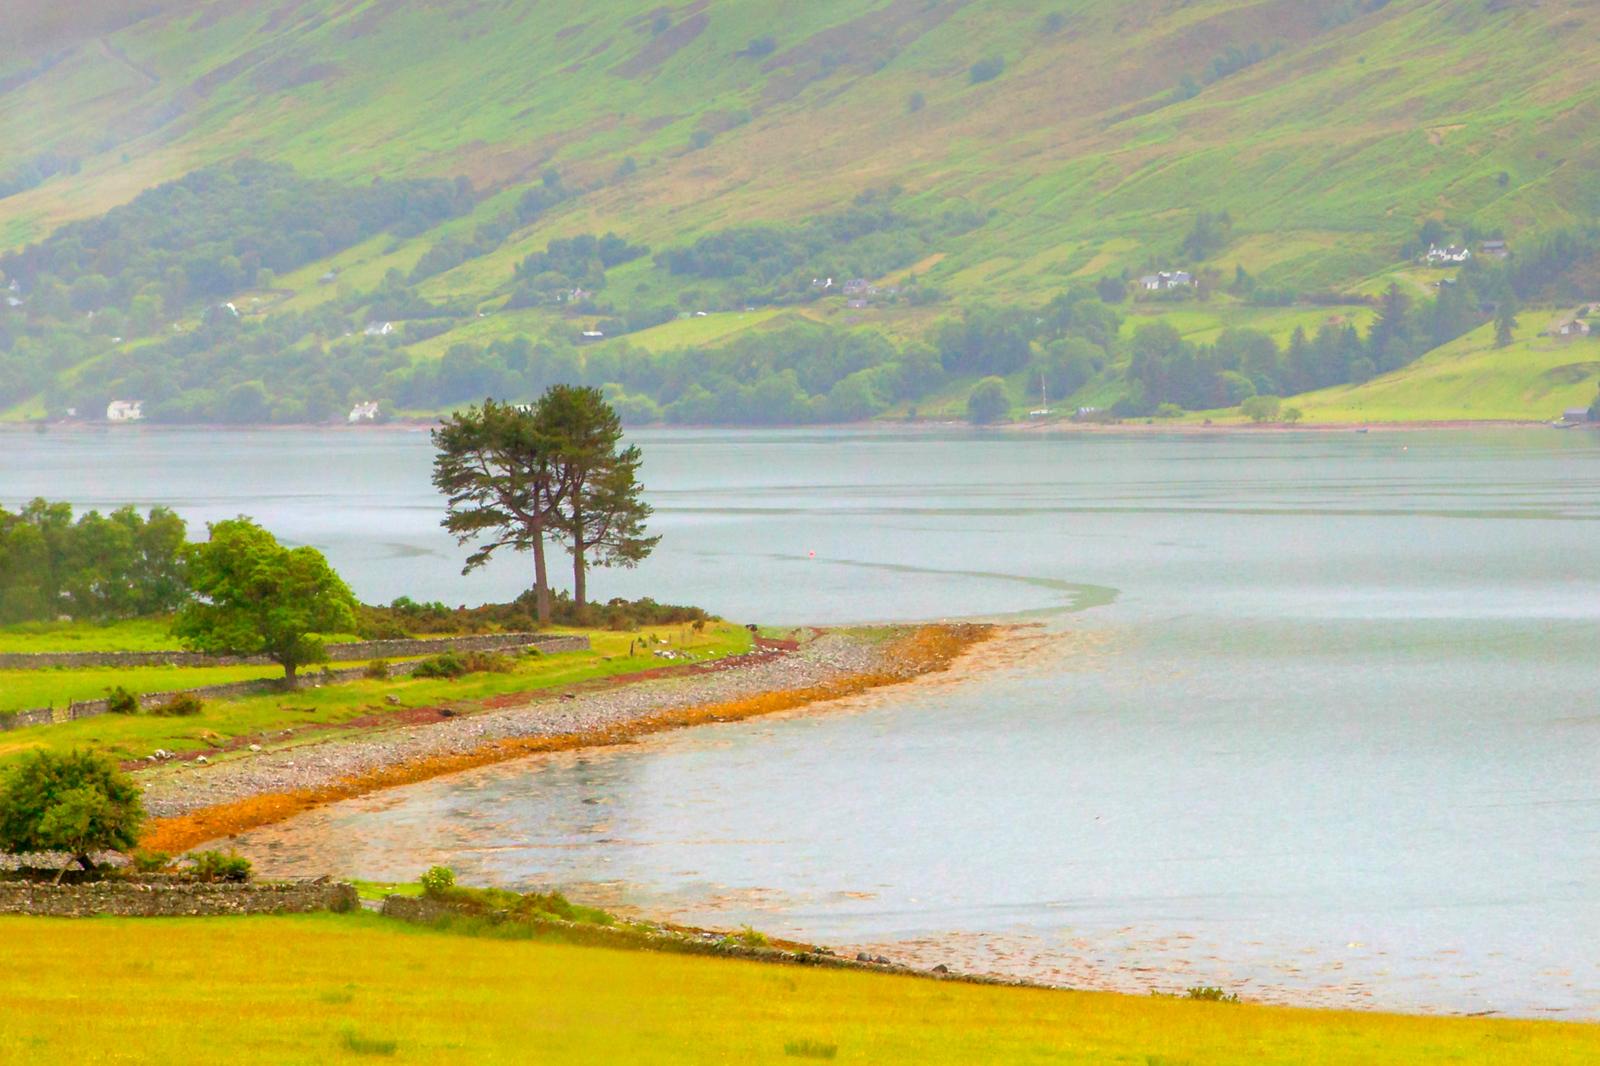 苏格兰美景,美景如画